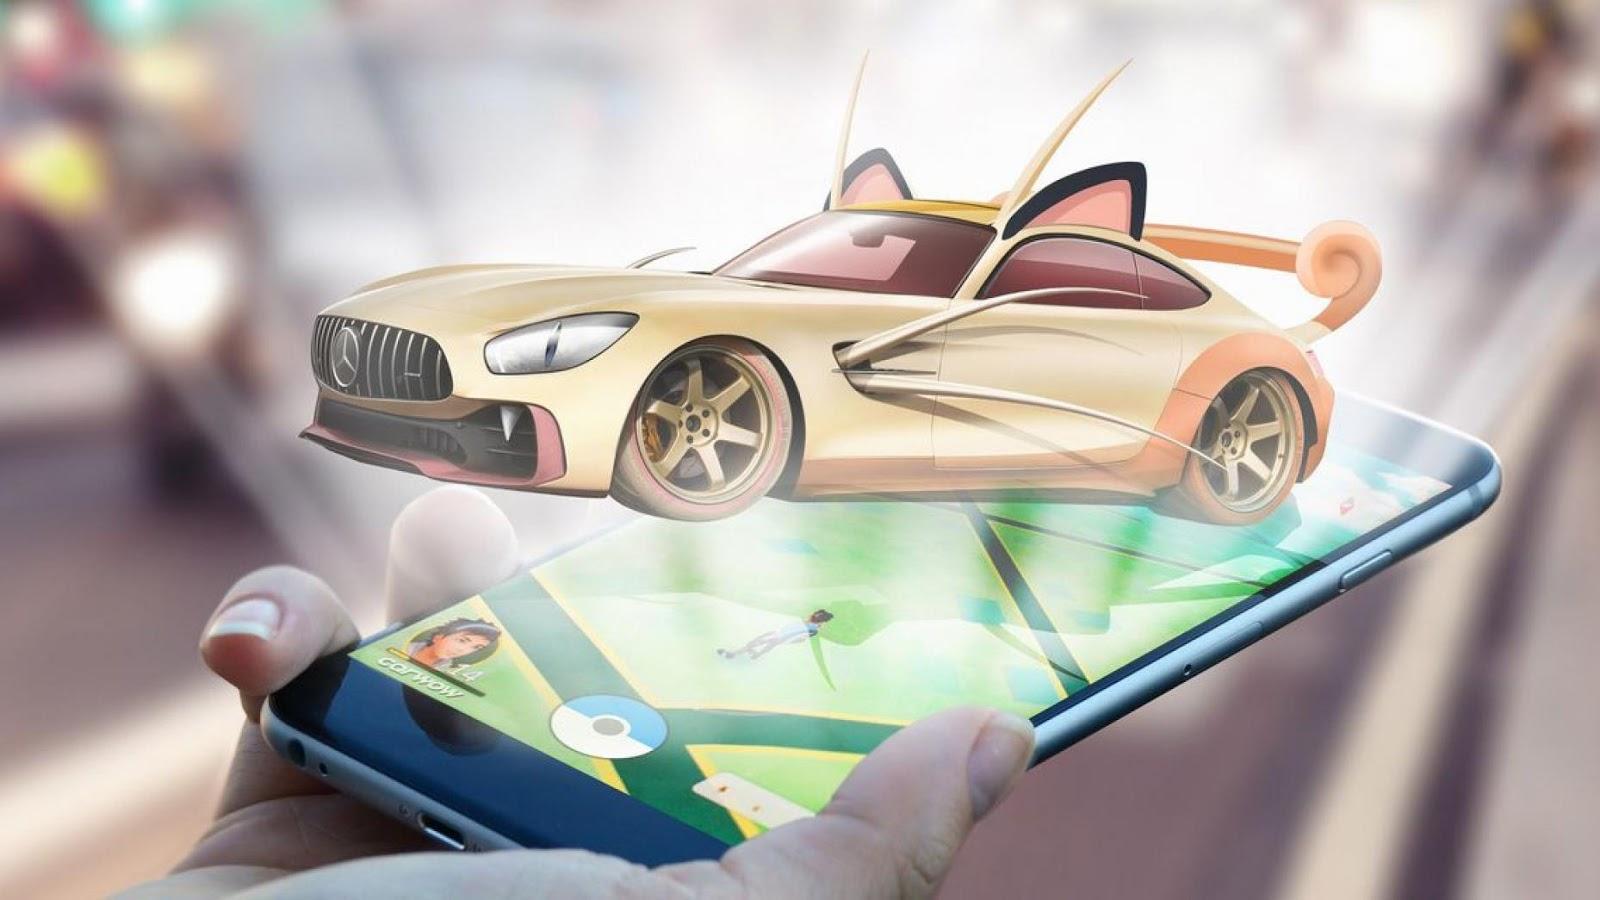 Meowth – Mercedes AMG GT-R